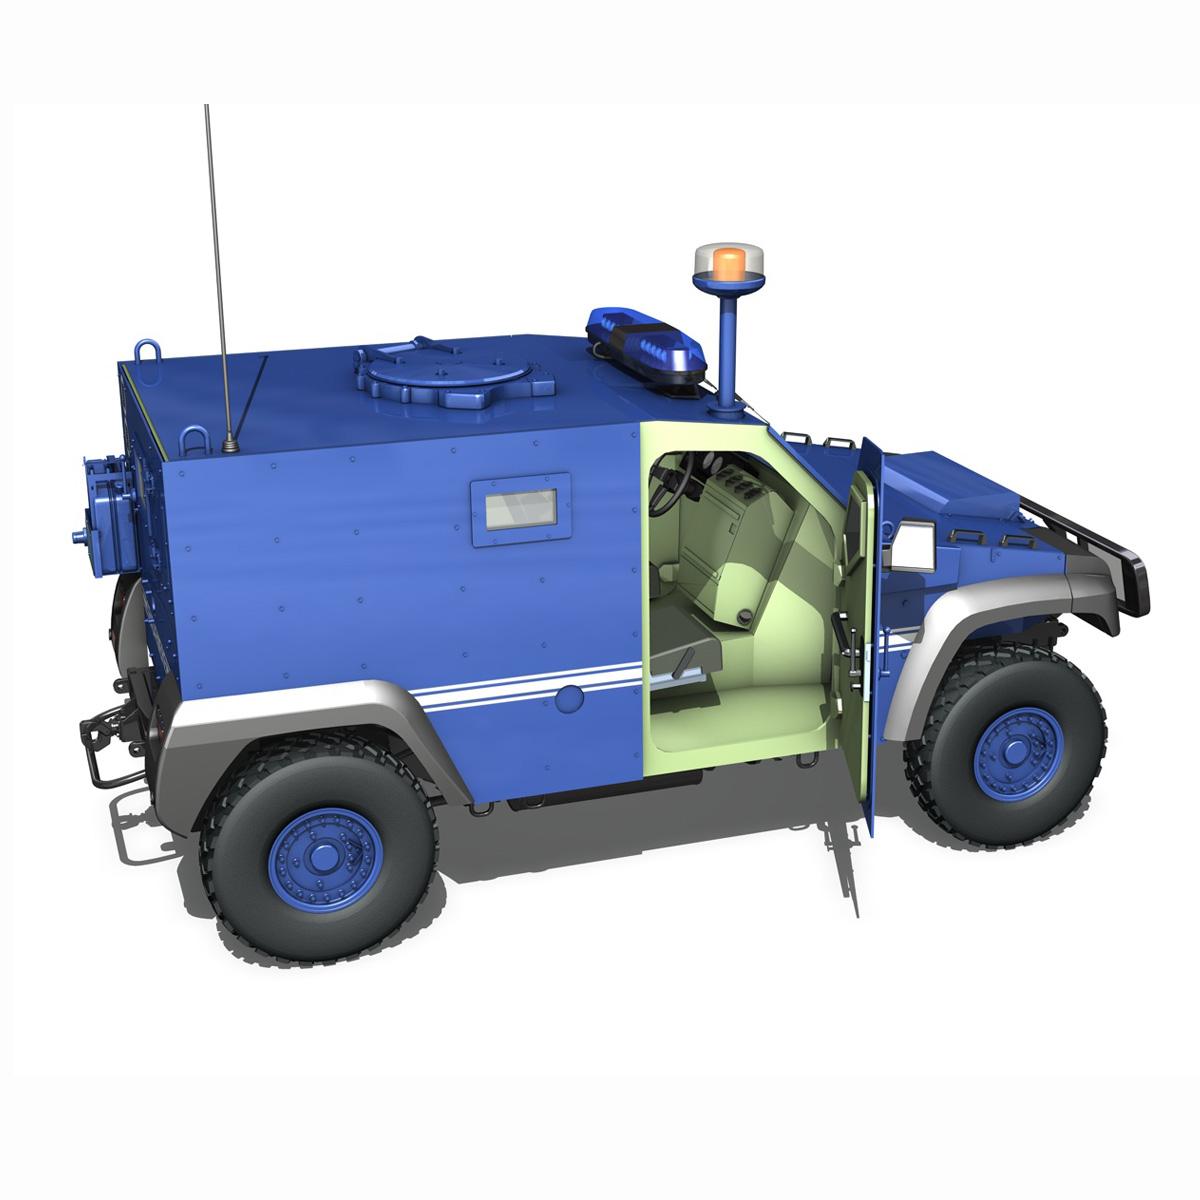 auverland panhard pvp – gendarmerie 3d model 3ds fbx c4d lwo obj 190069